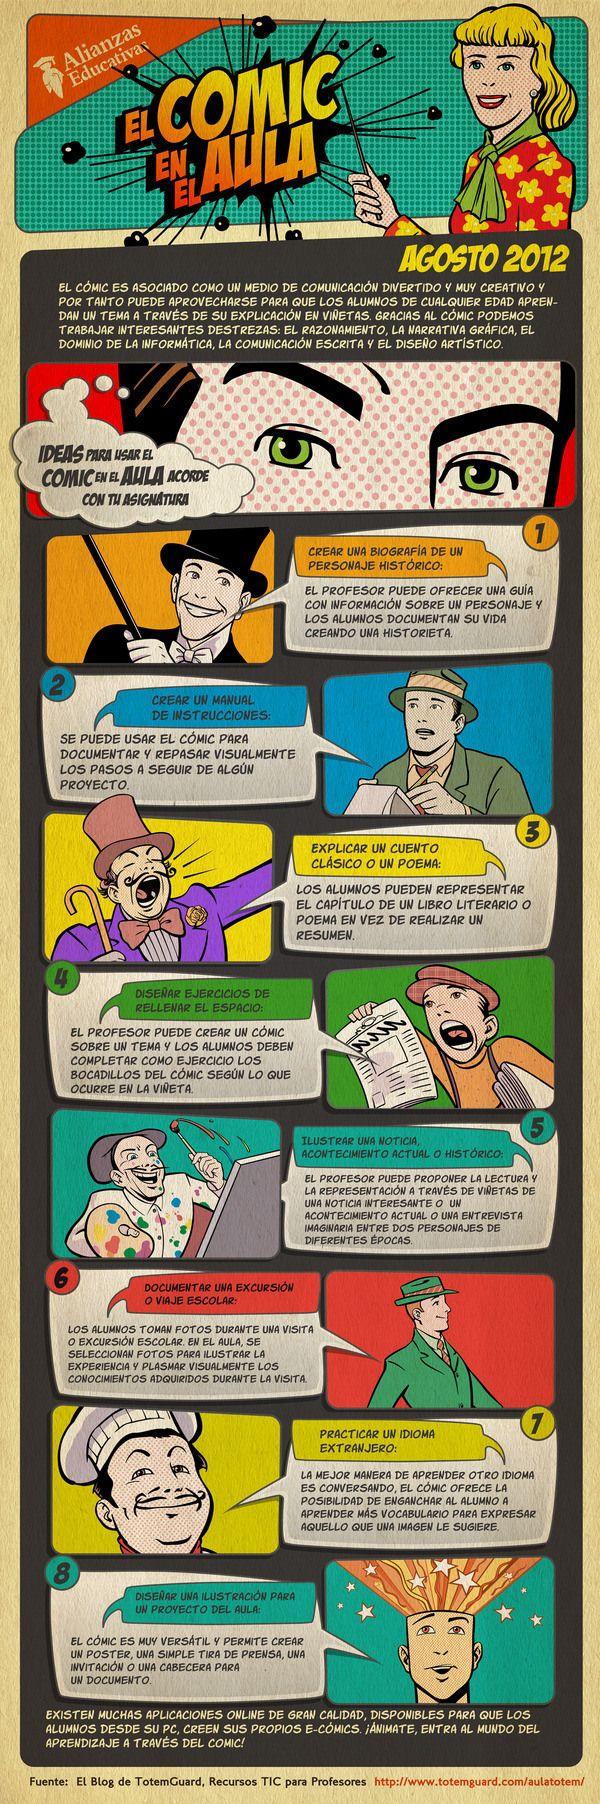 ¿Qué tal si utilizamos el cómic como herramienta educativa?